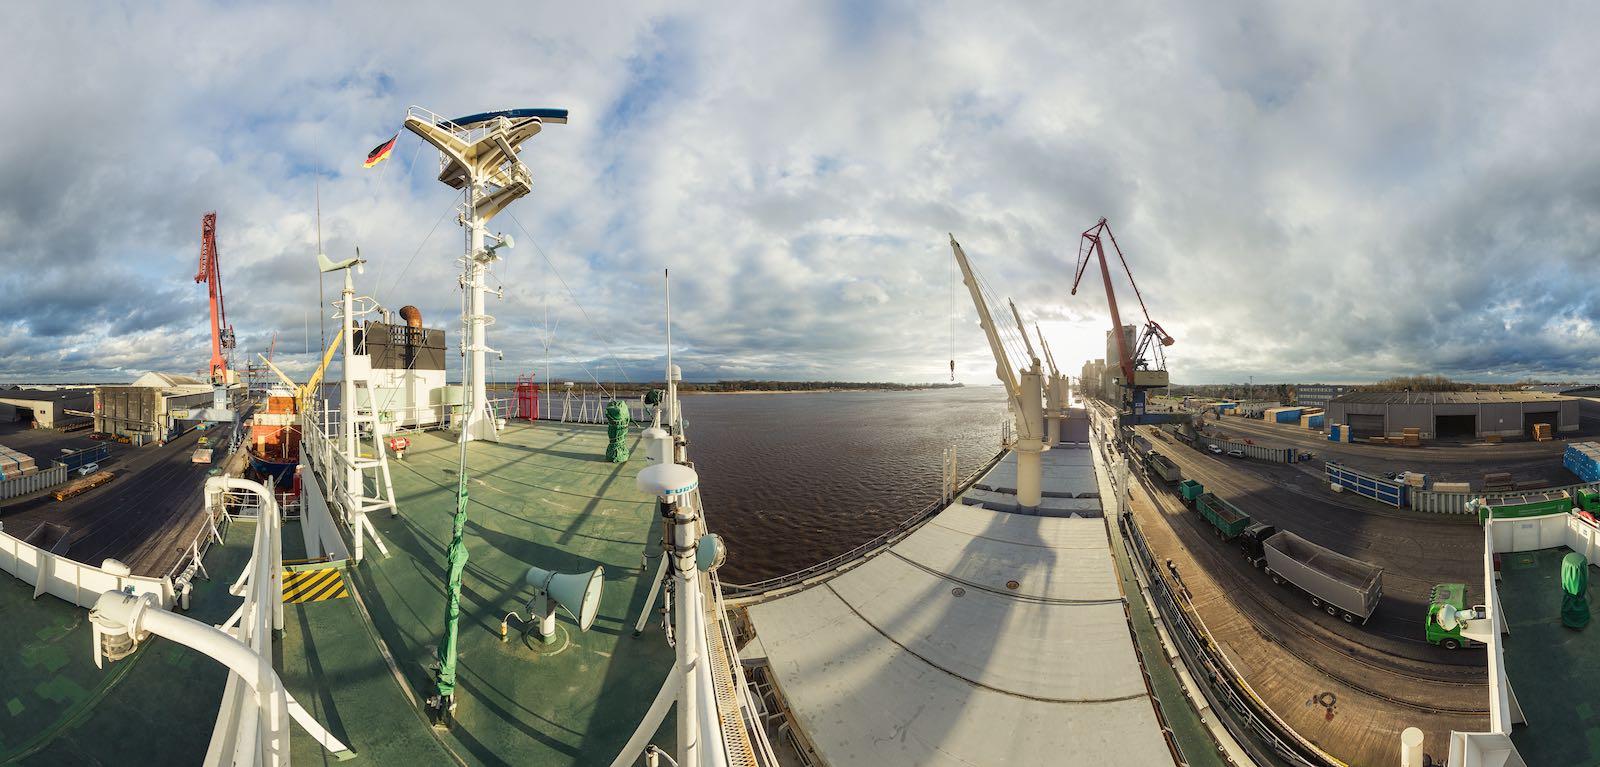 Panorama eines Schiffs im Hafen